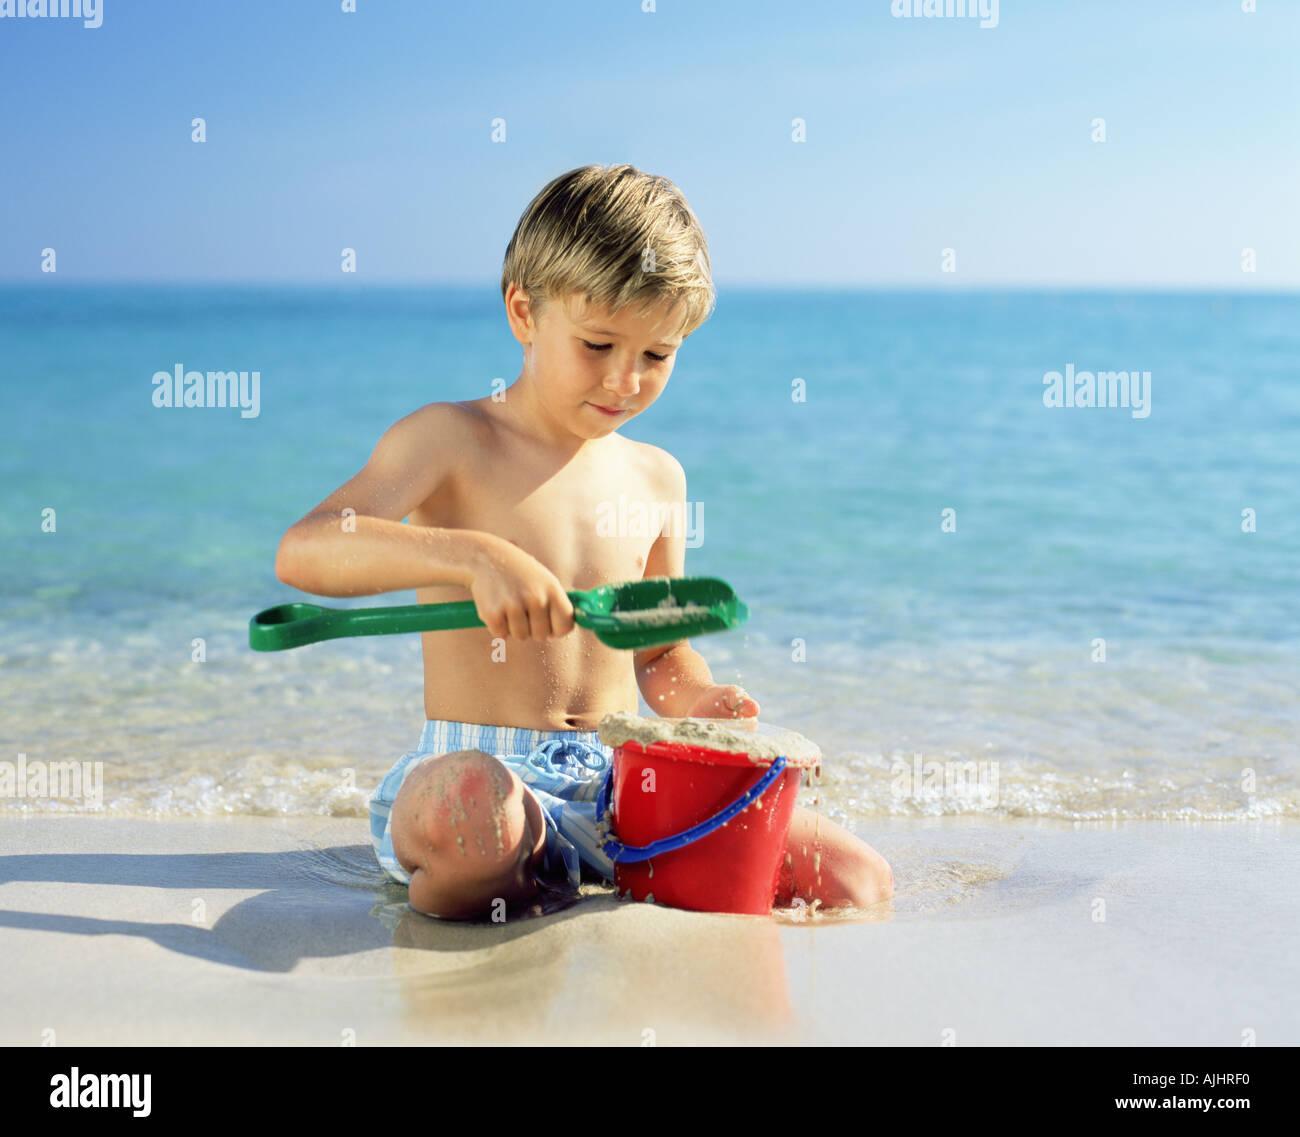 Junge mit nassem Sand spielen Stockbild